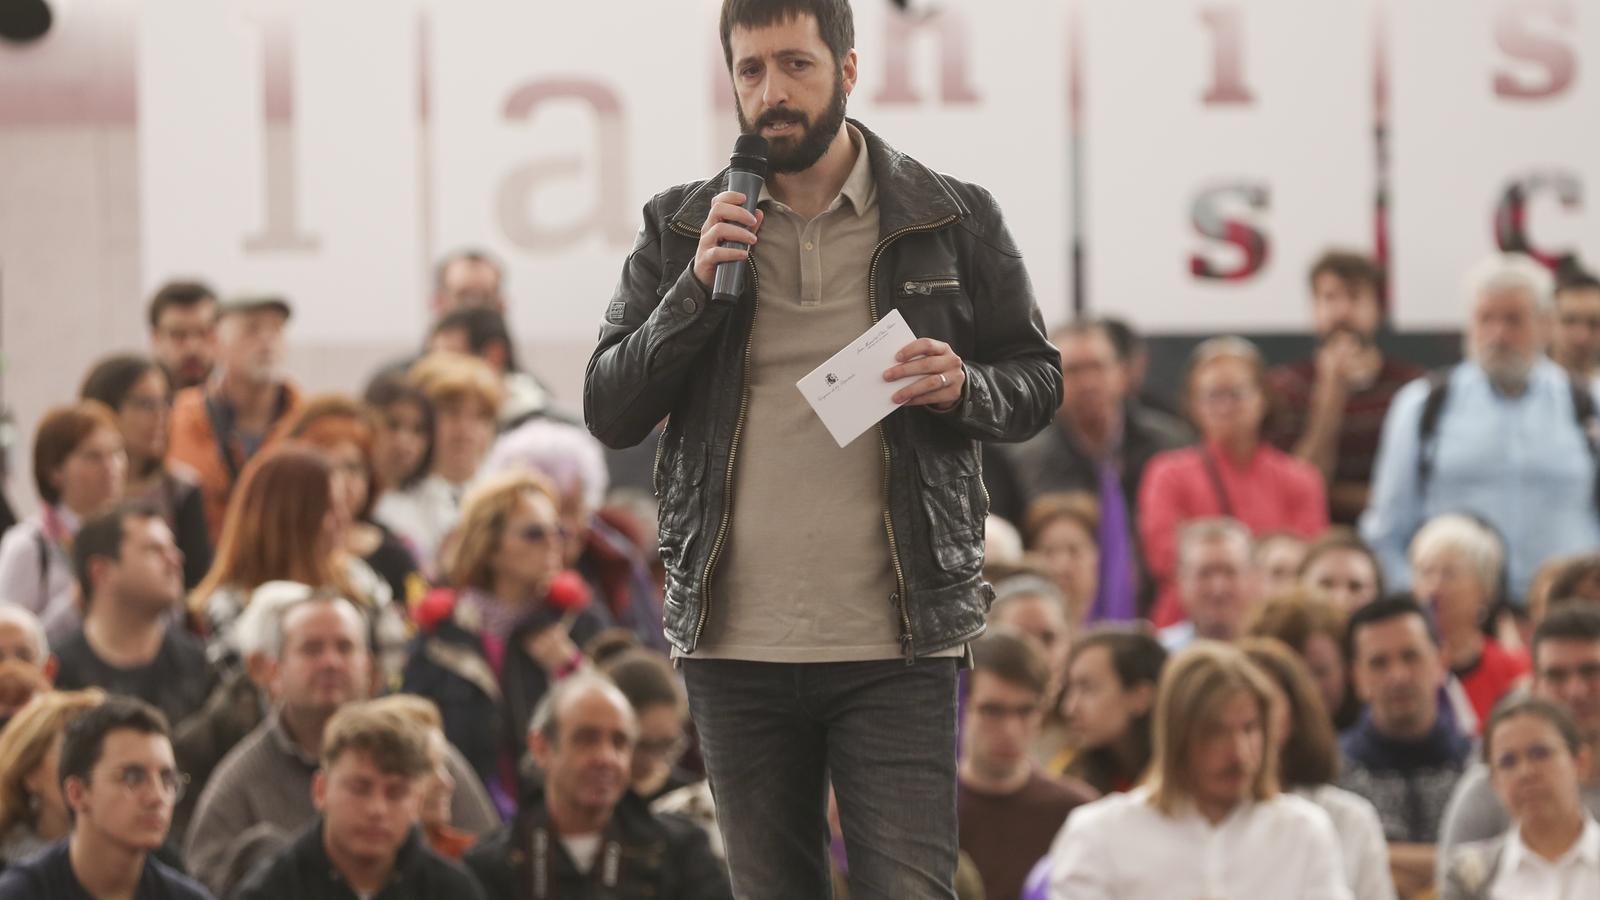 El secretari de comunicació de Podem, Juan Manuel del Olmo, en una imatge d'arxiu